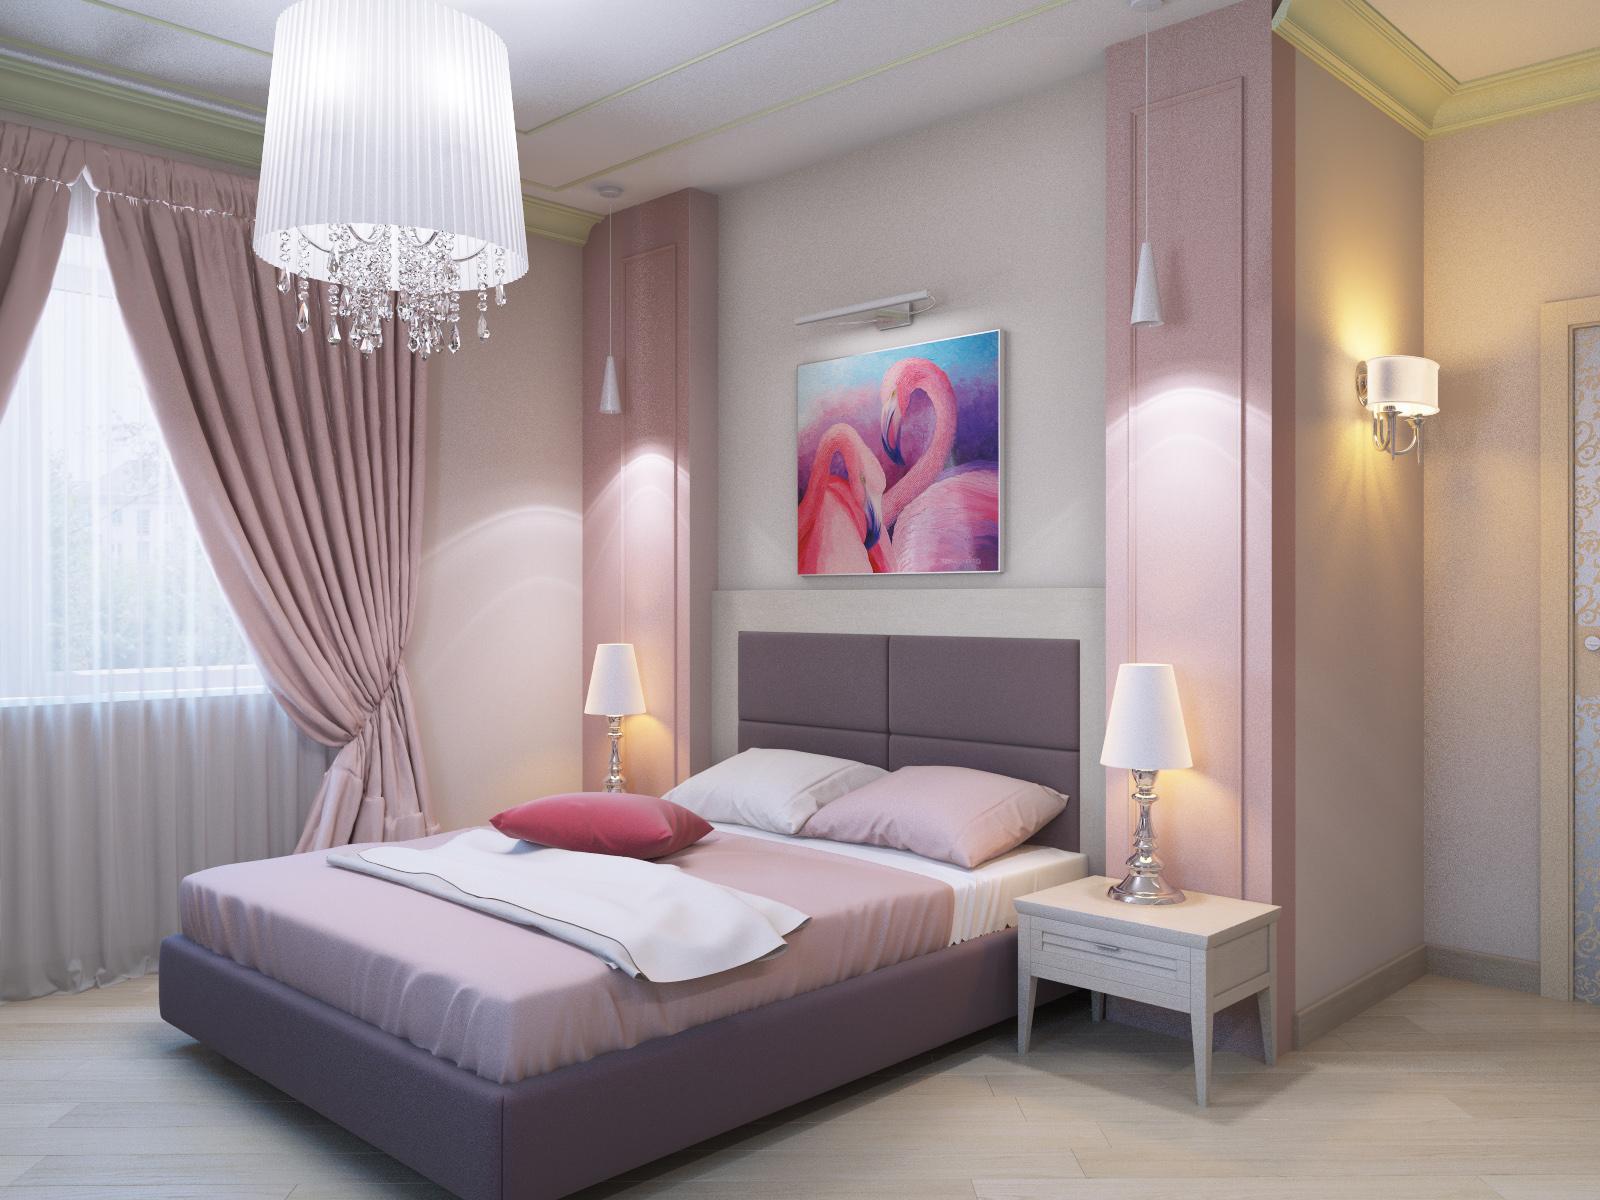 Как создать индивидуальный дизайн интерьера спальни